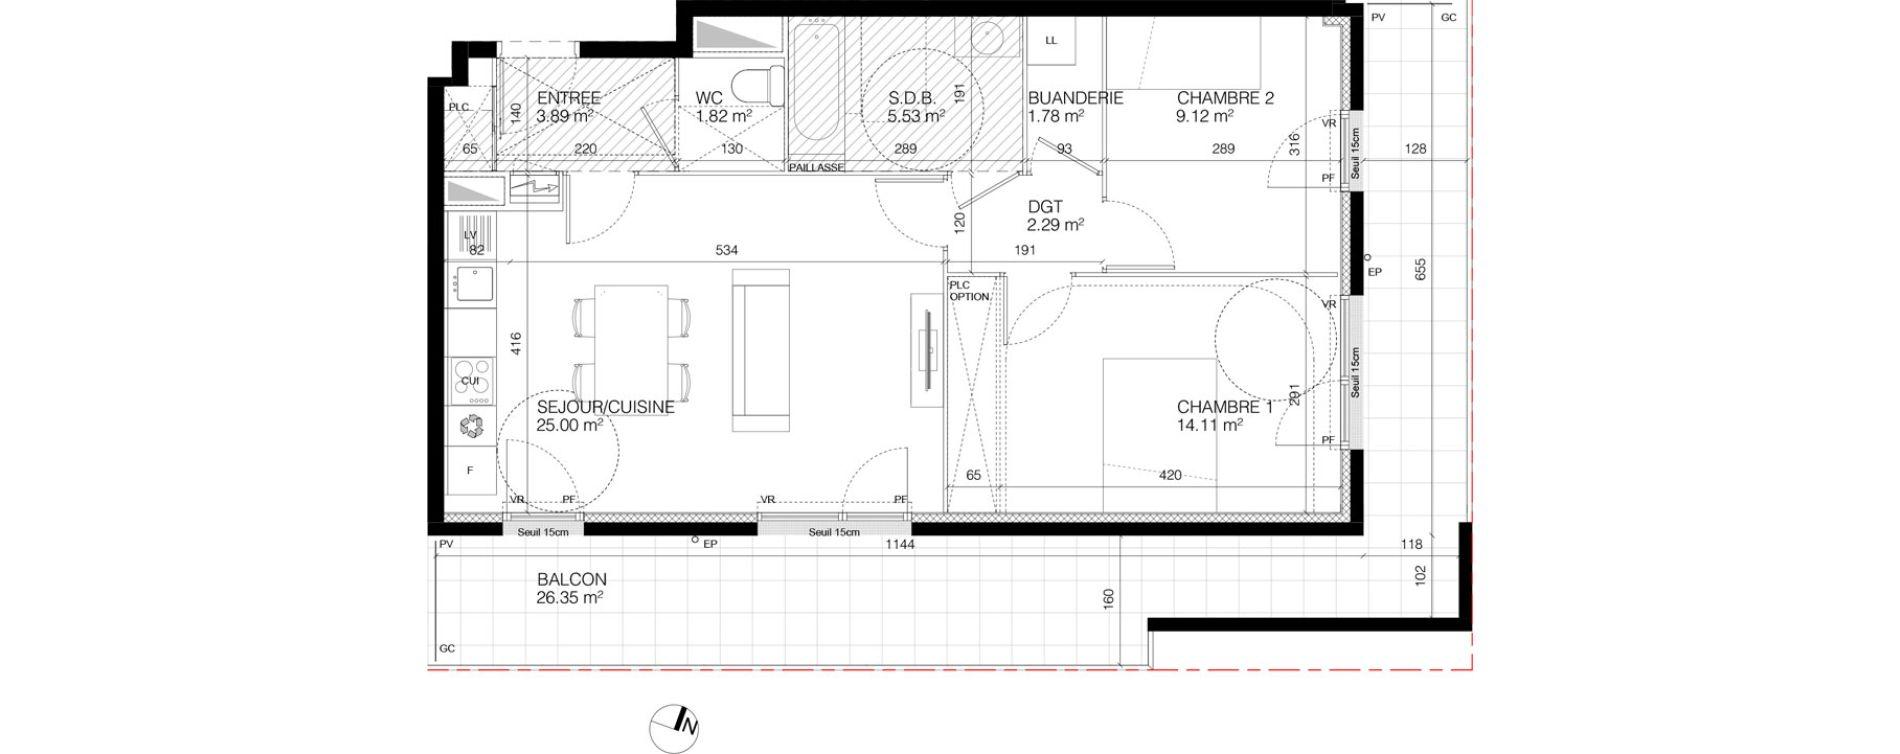 Appartement T3 de 63,71 m2 à Courcouronnes Courcouronnes les horizons